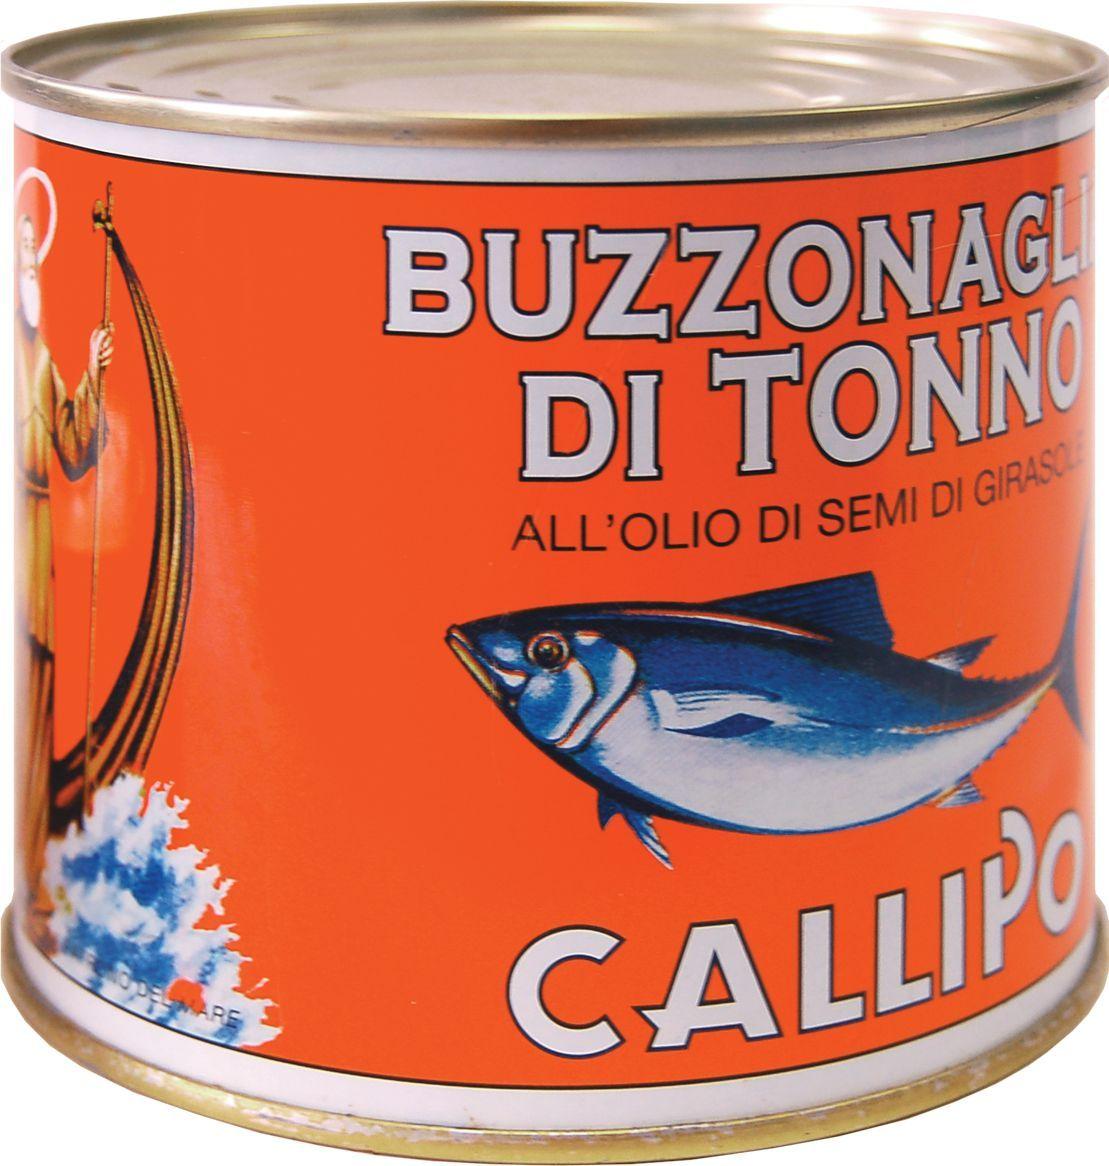 Callipo Тунец Буззональя в подсолнечном масле, 620 г